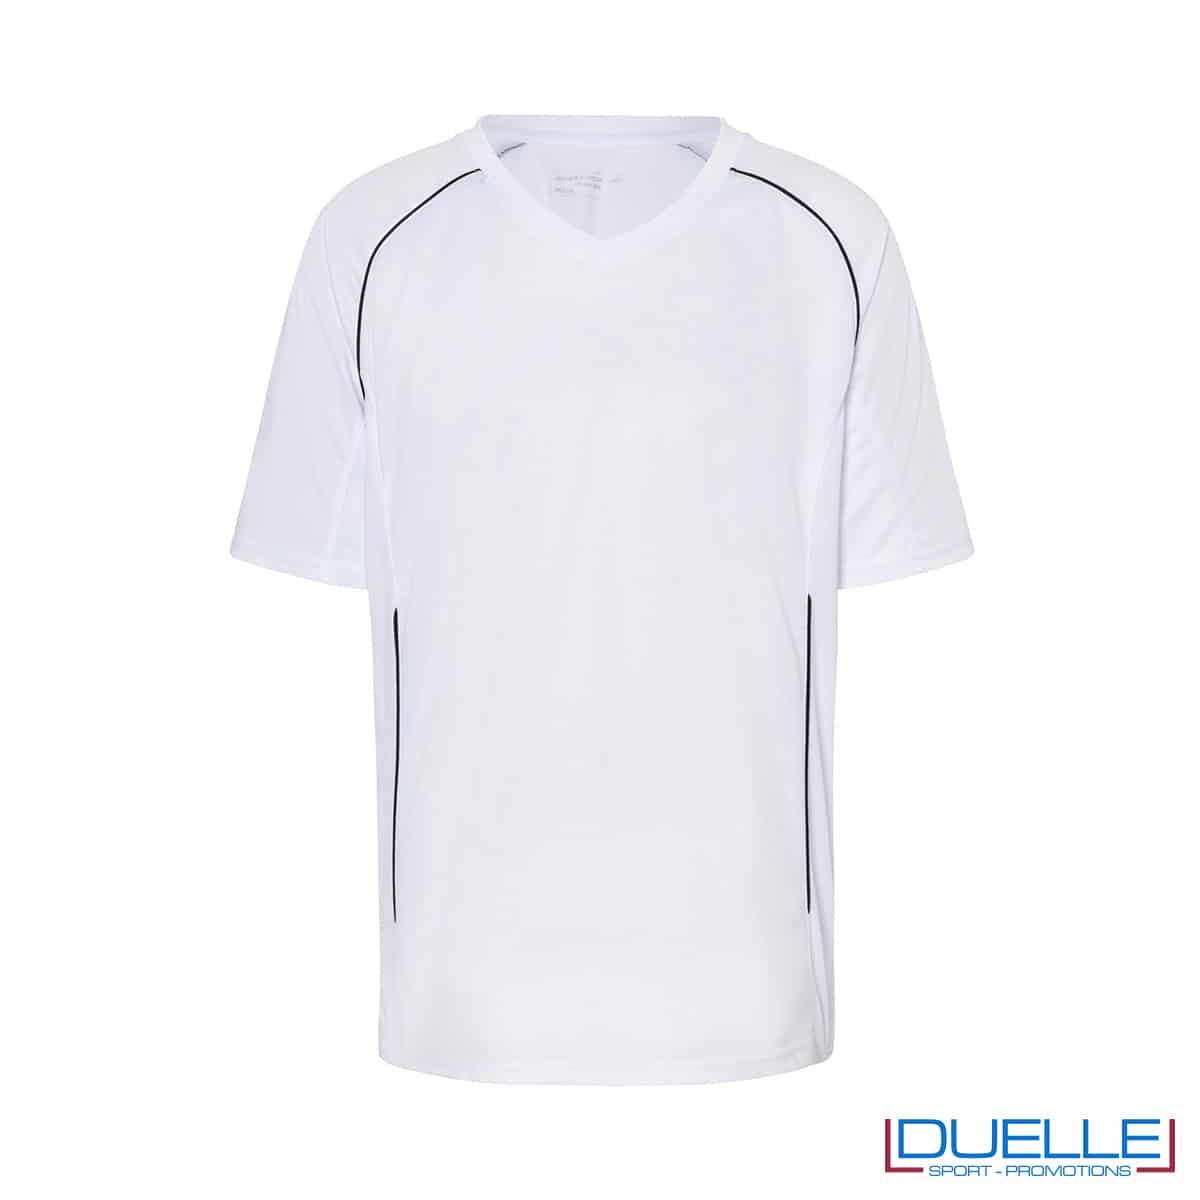 T-shirt calcio colore bianco personalizzabile